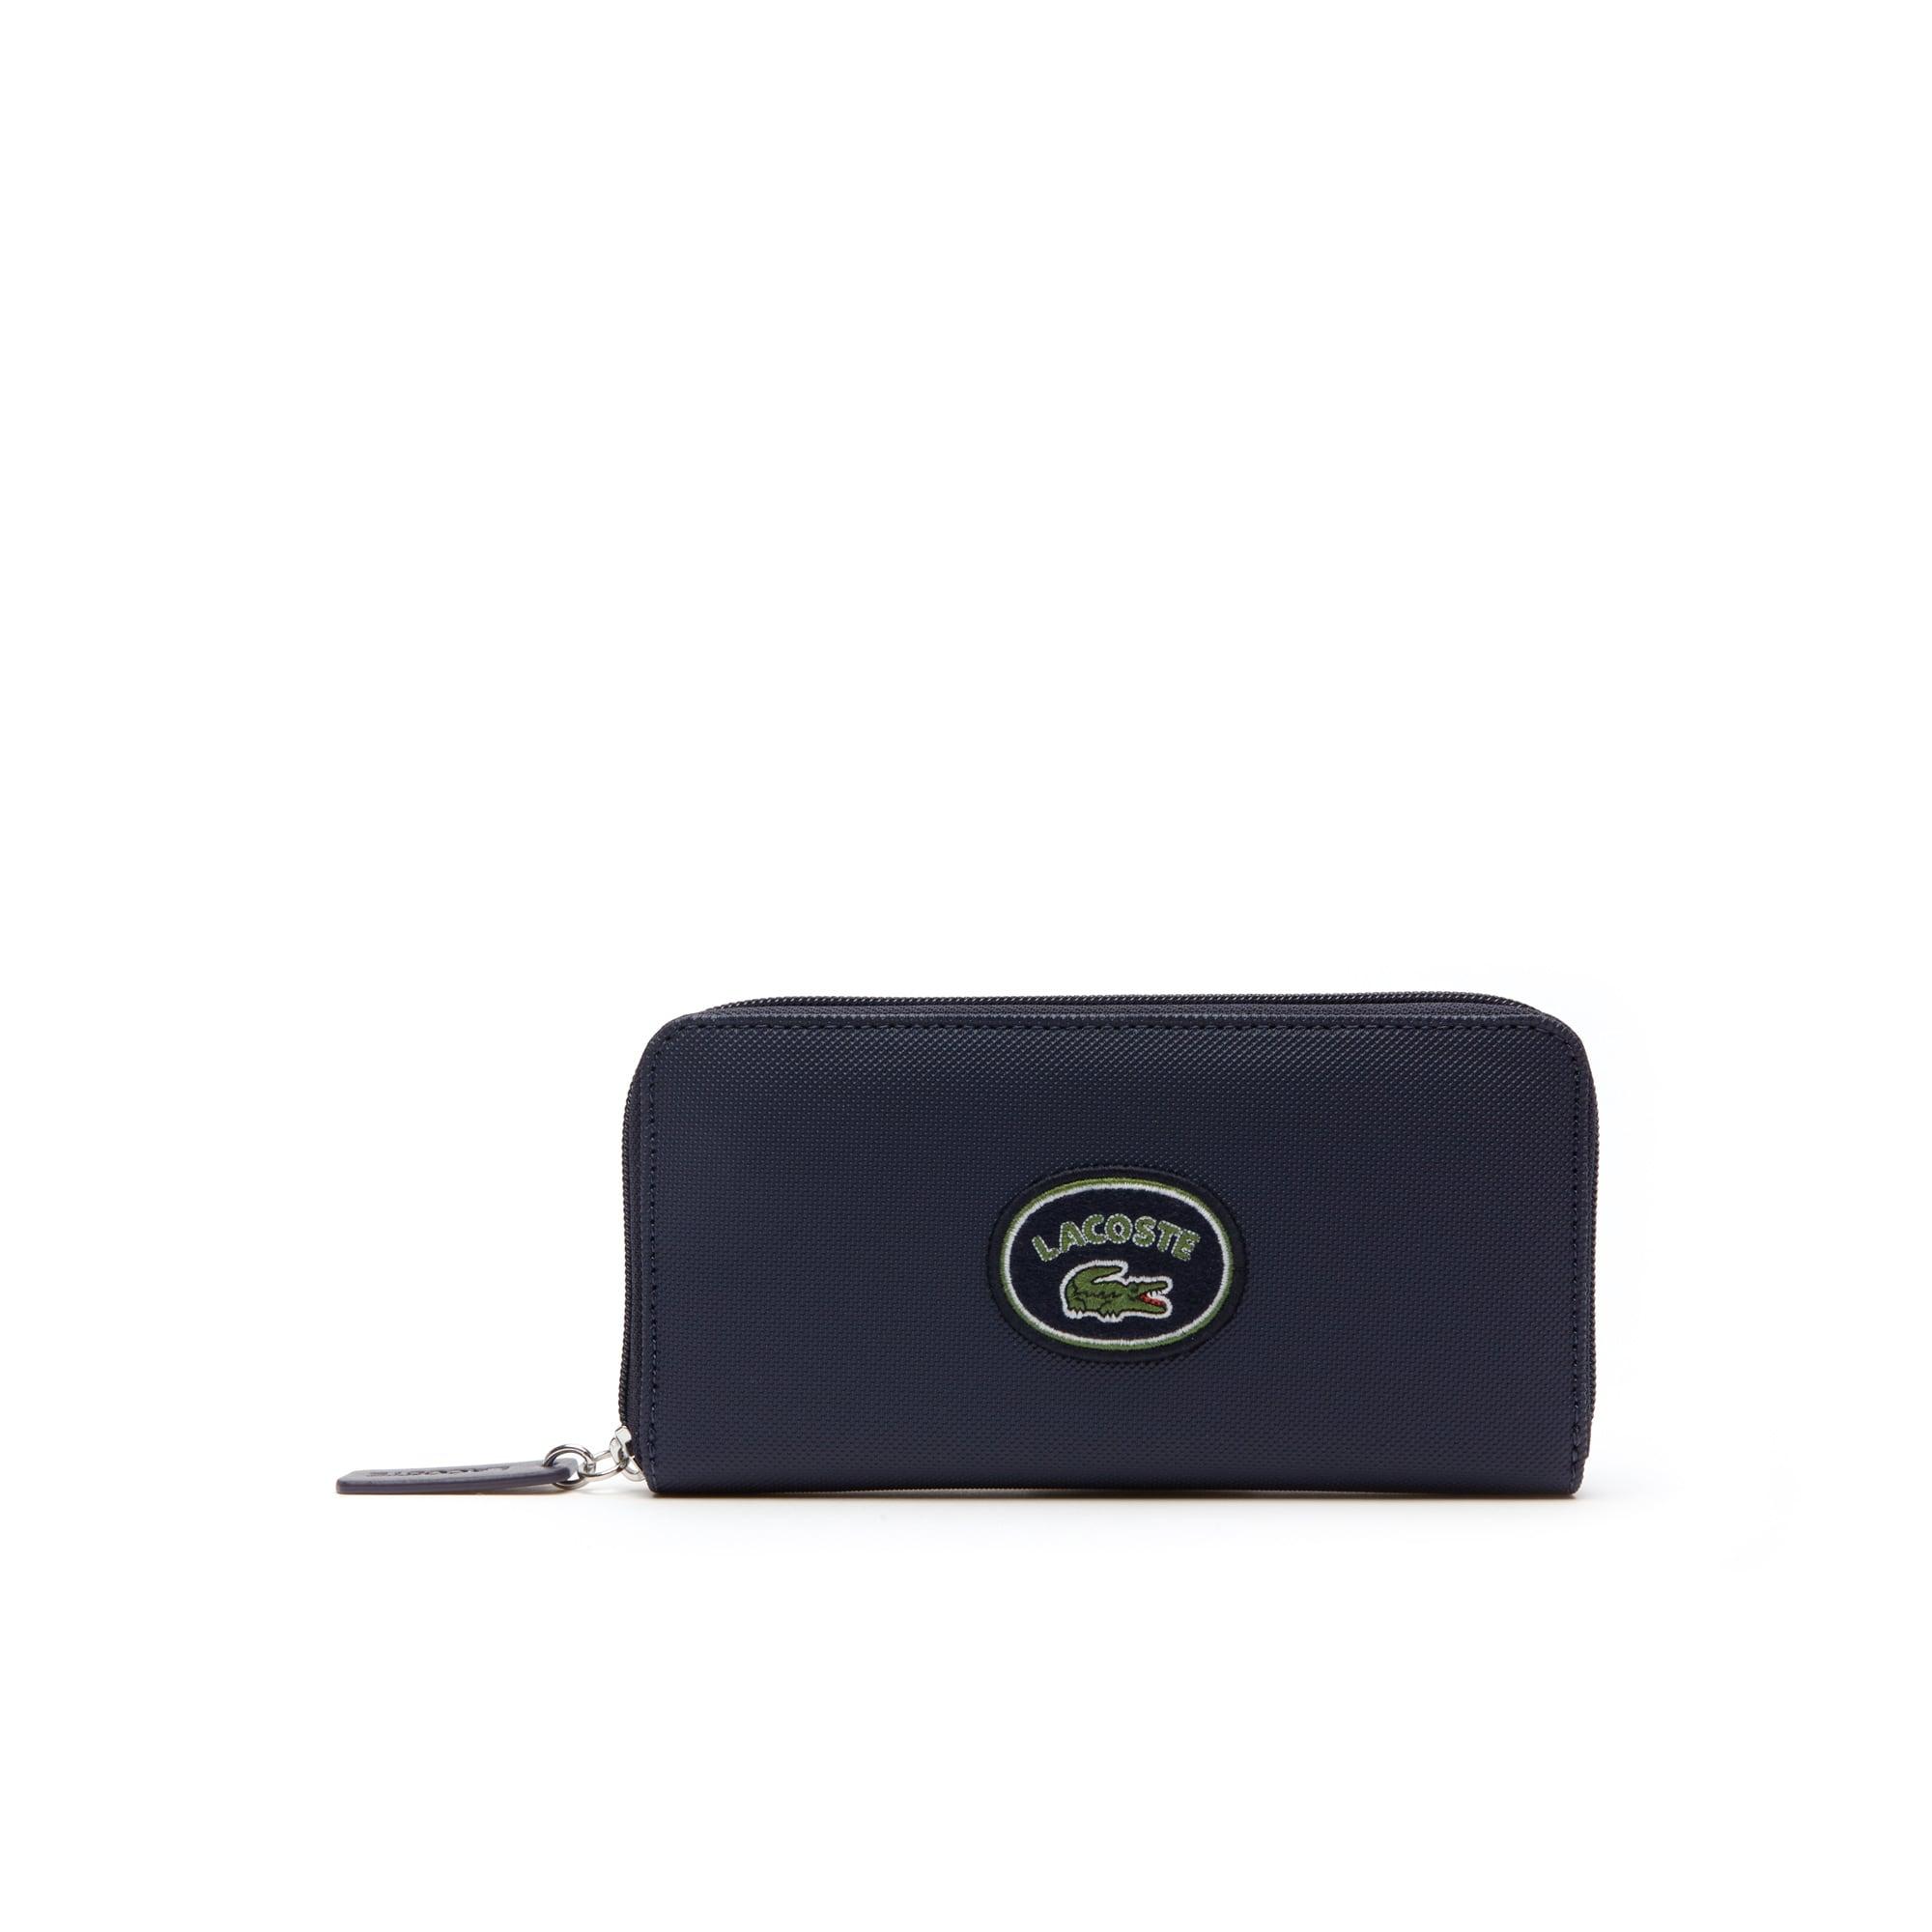 Damen L.12.12 CONCEPT Brieftasche mit LACOSTE Aufnäher